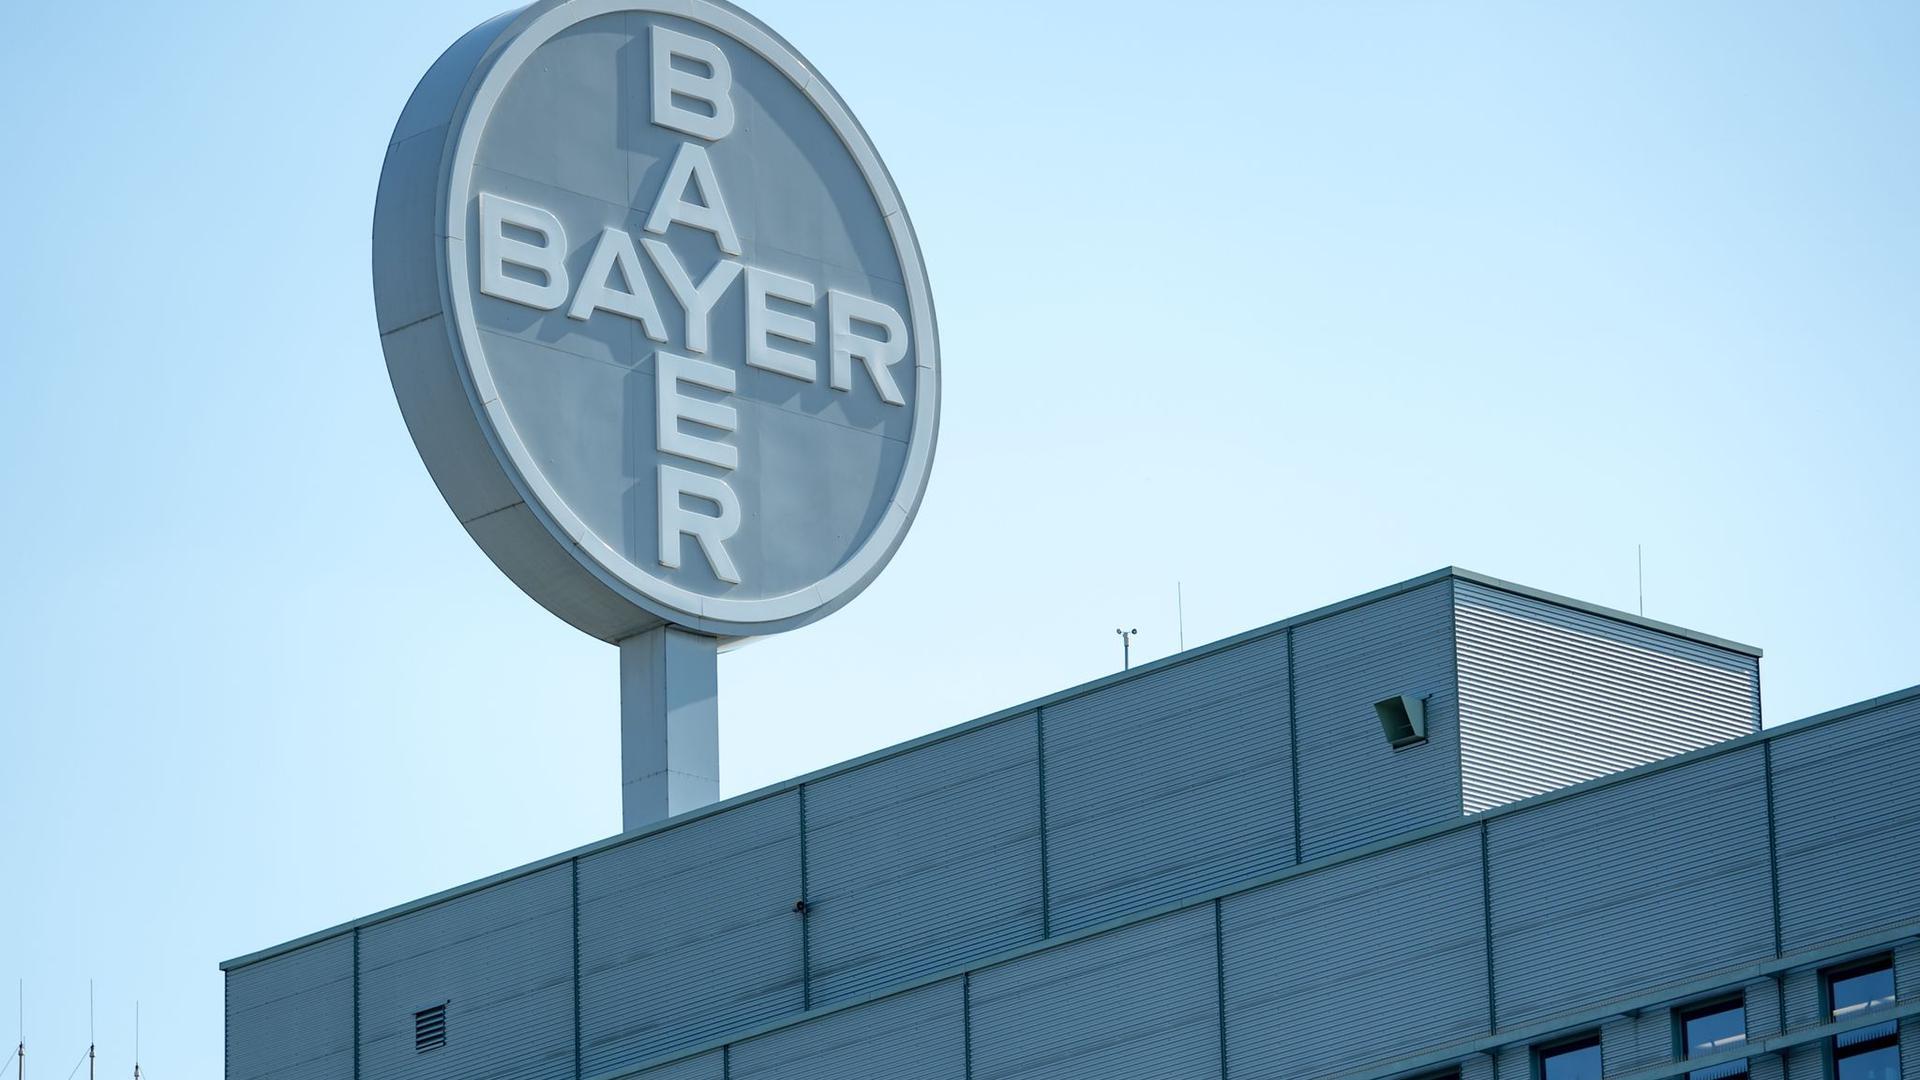 Gen- und Zelltherapien sollen das Wachstum des Bayer-Konzerns ankurbeln.